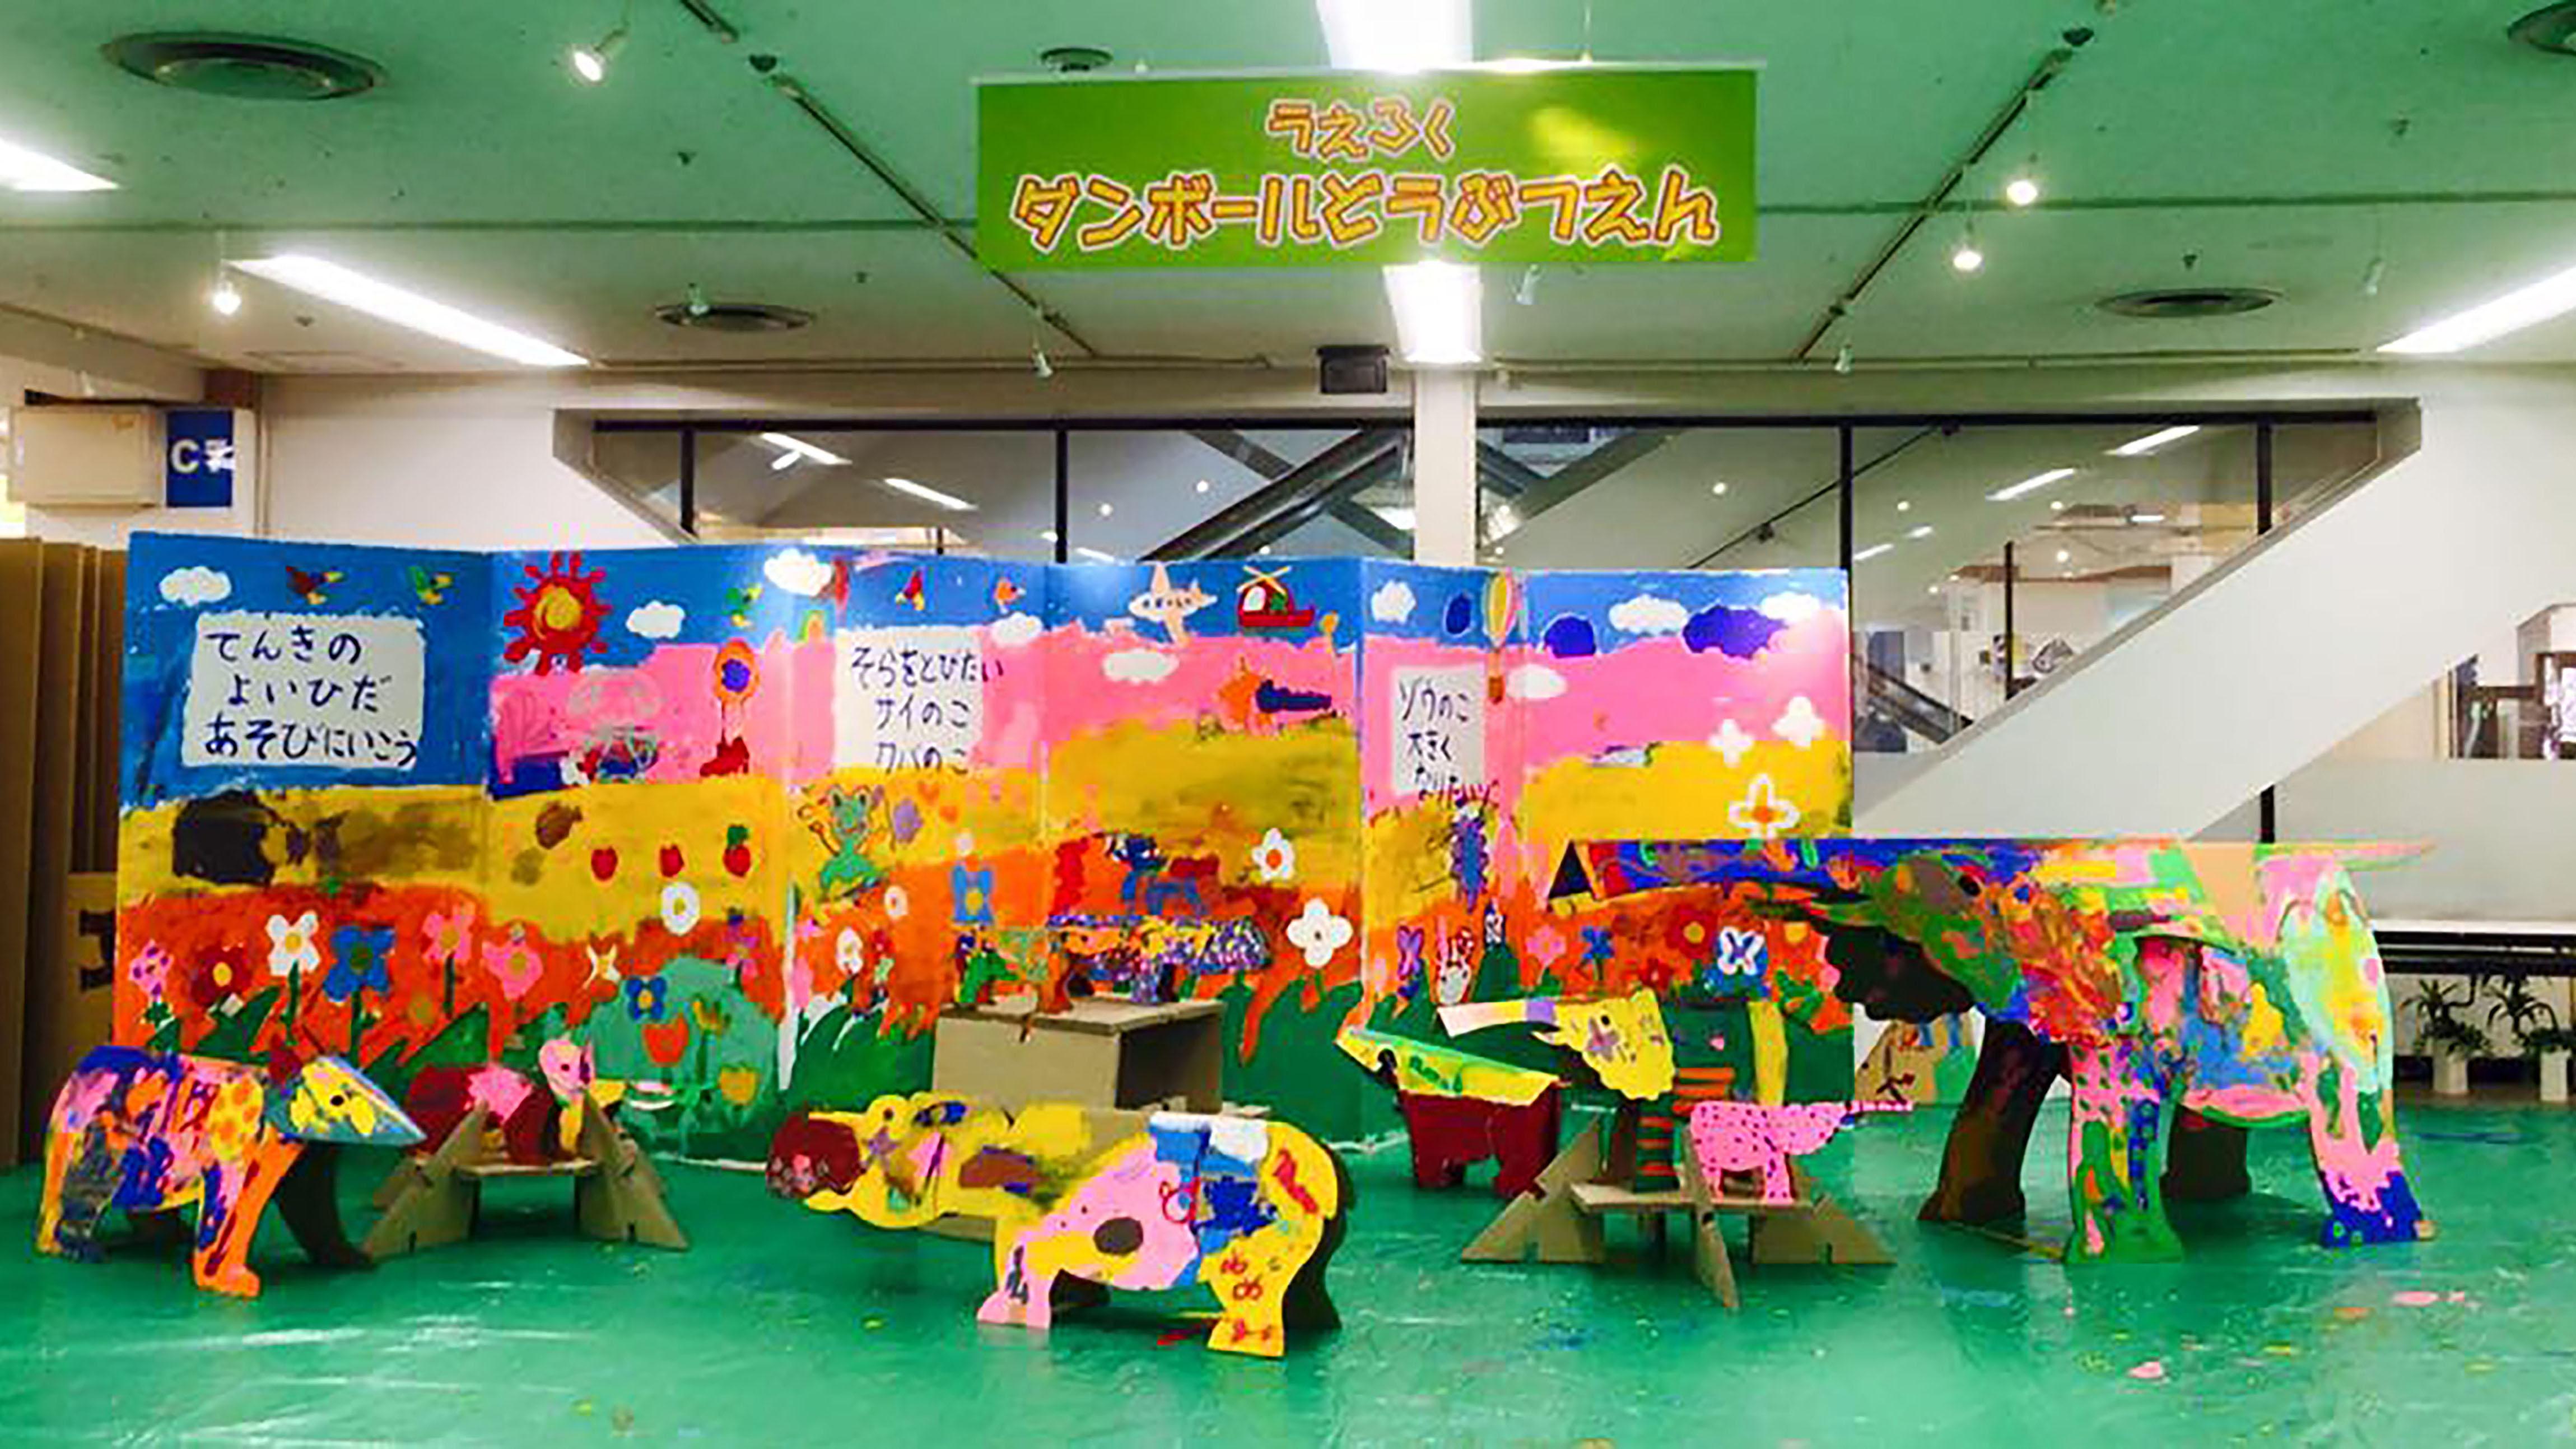 御幣島芸術祭/巨大絵本作り&ダンボール動物園@もと歌島橋バスターミナル